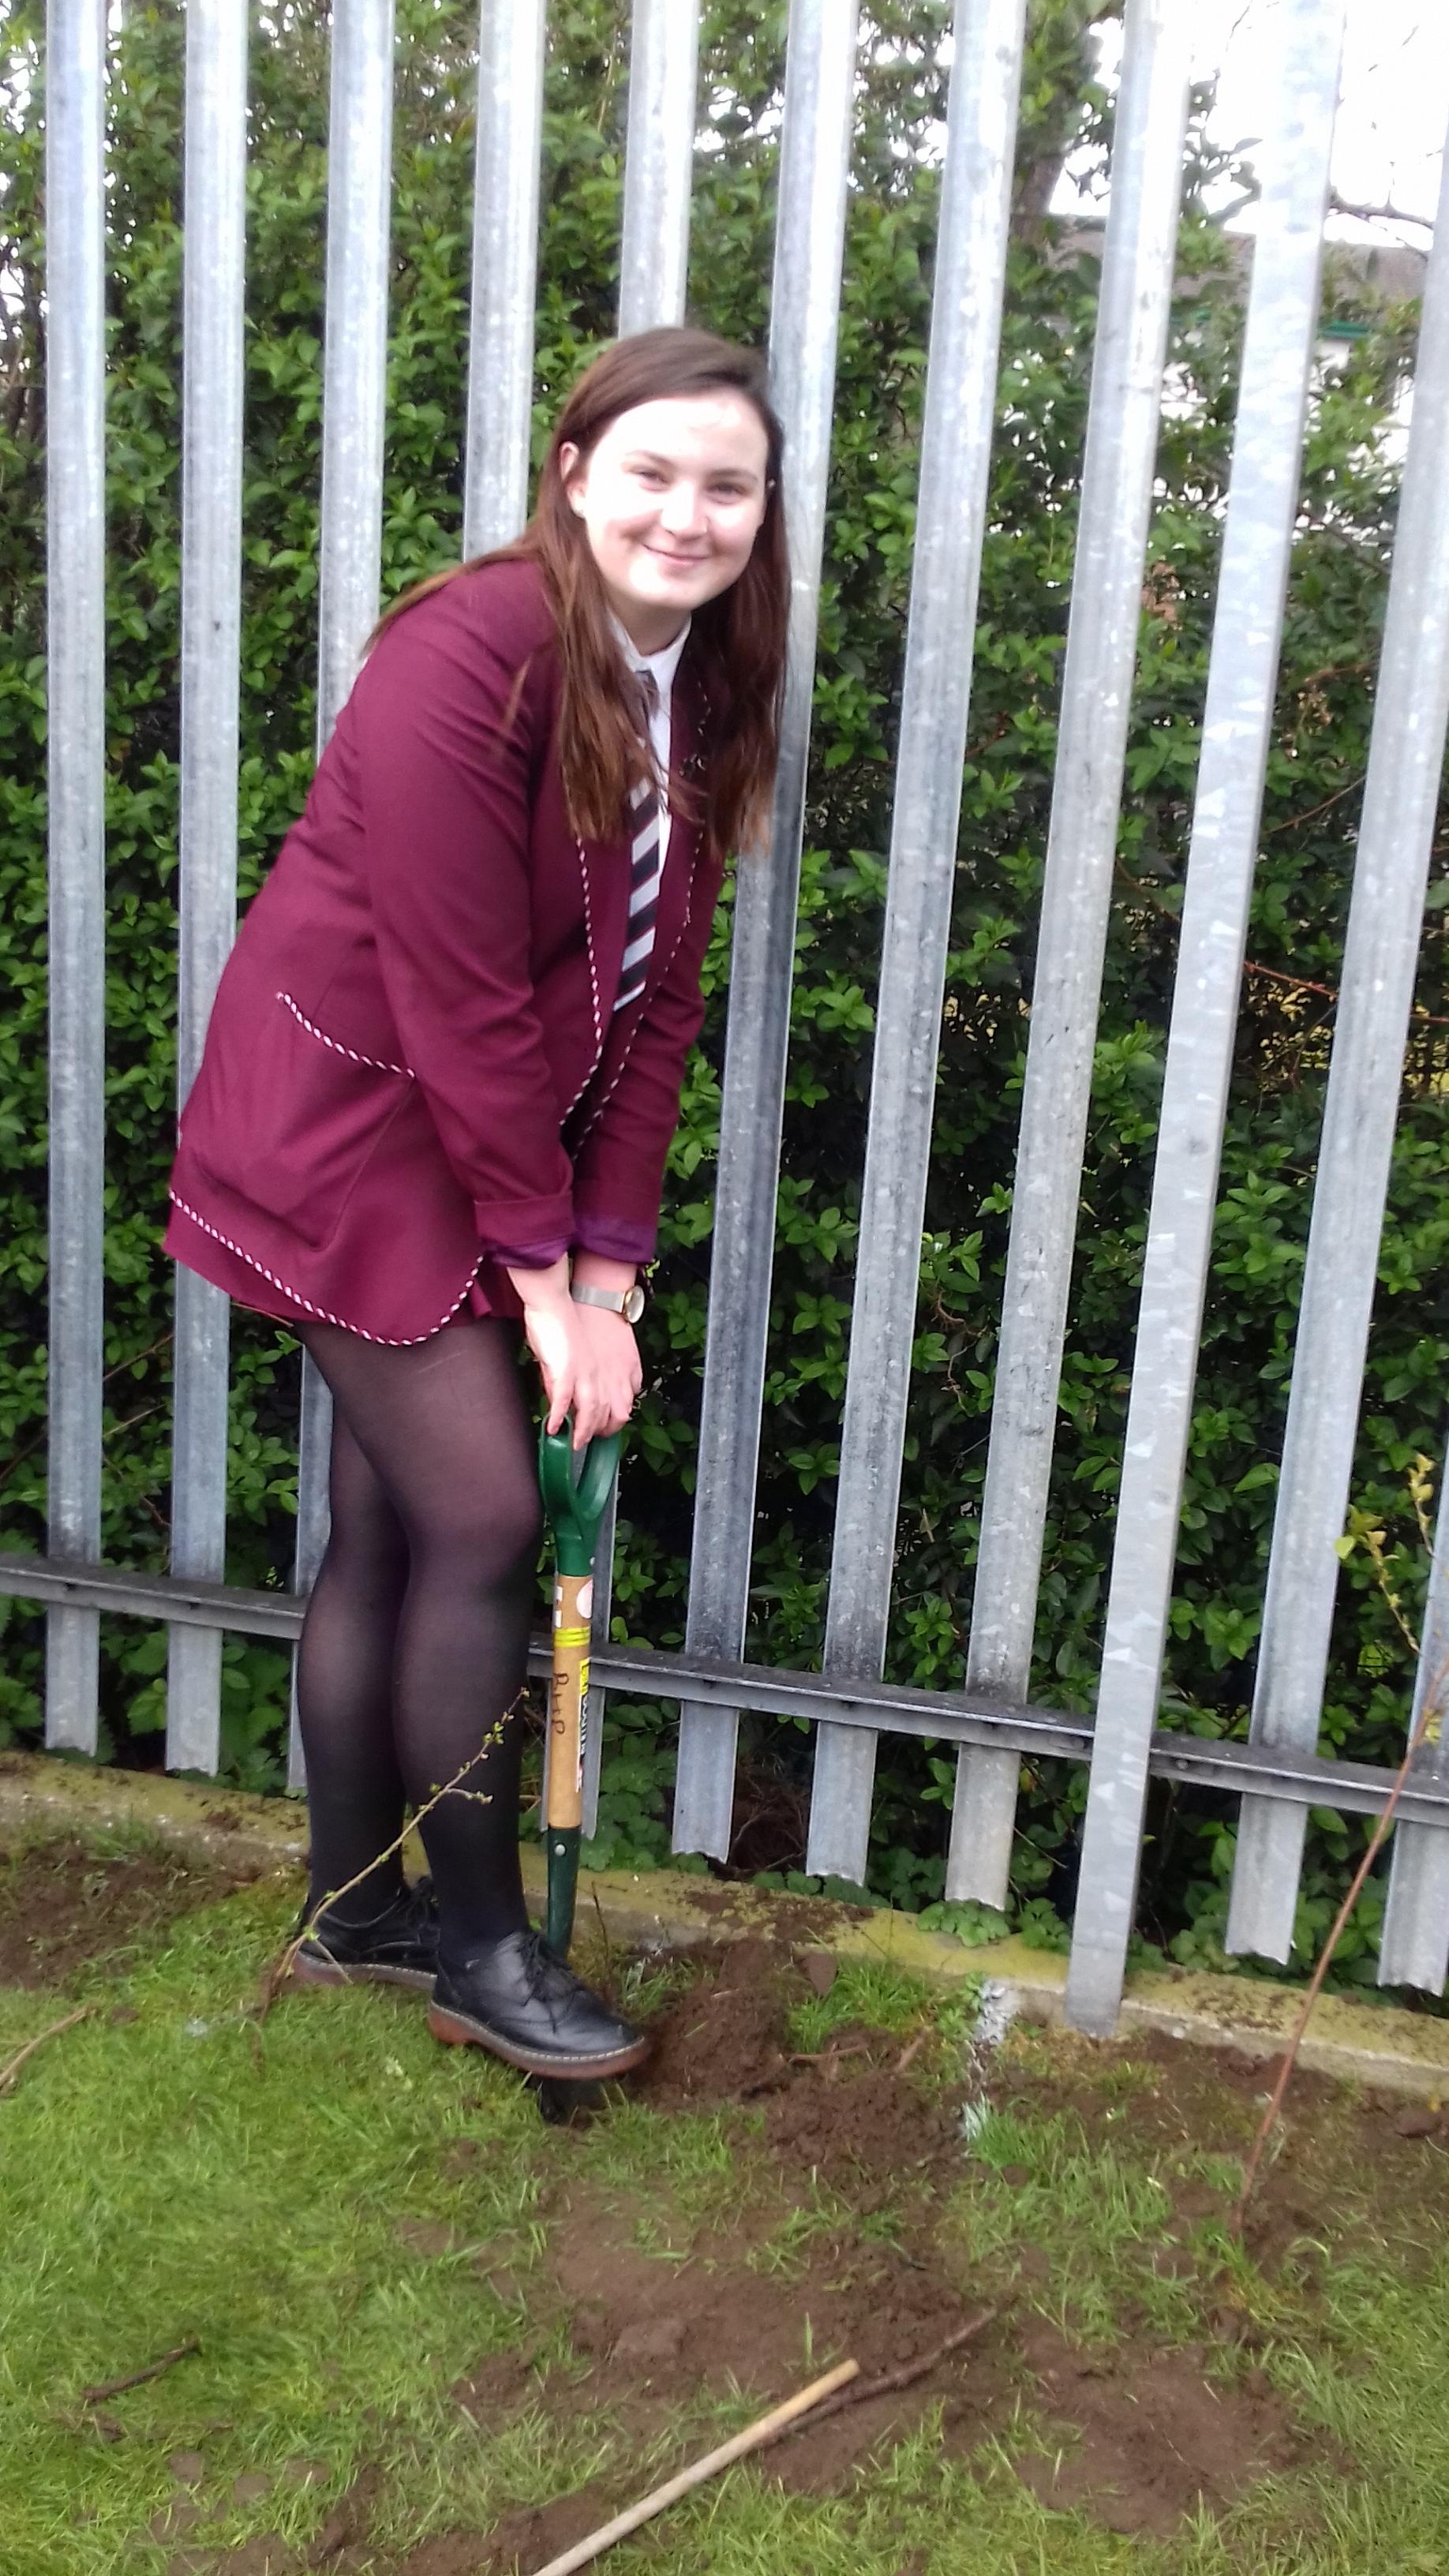 Katie tree planting.jpg